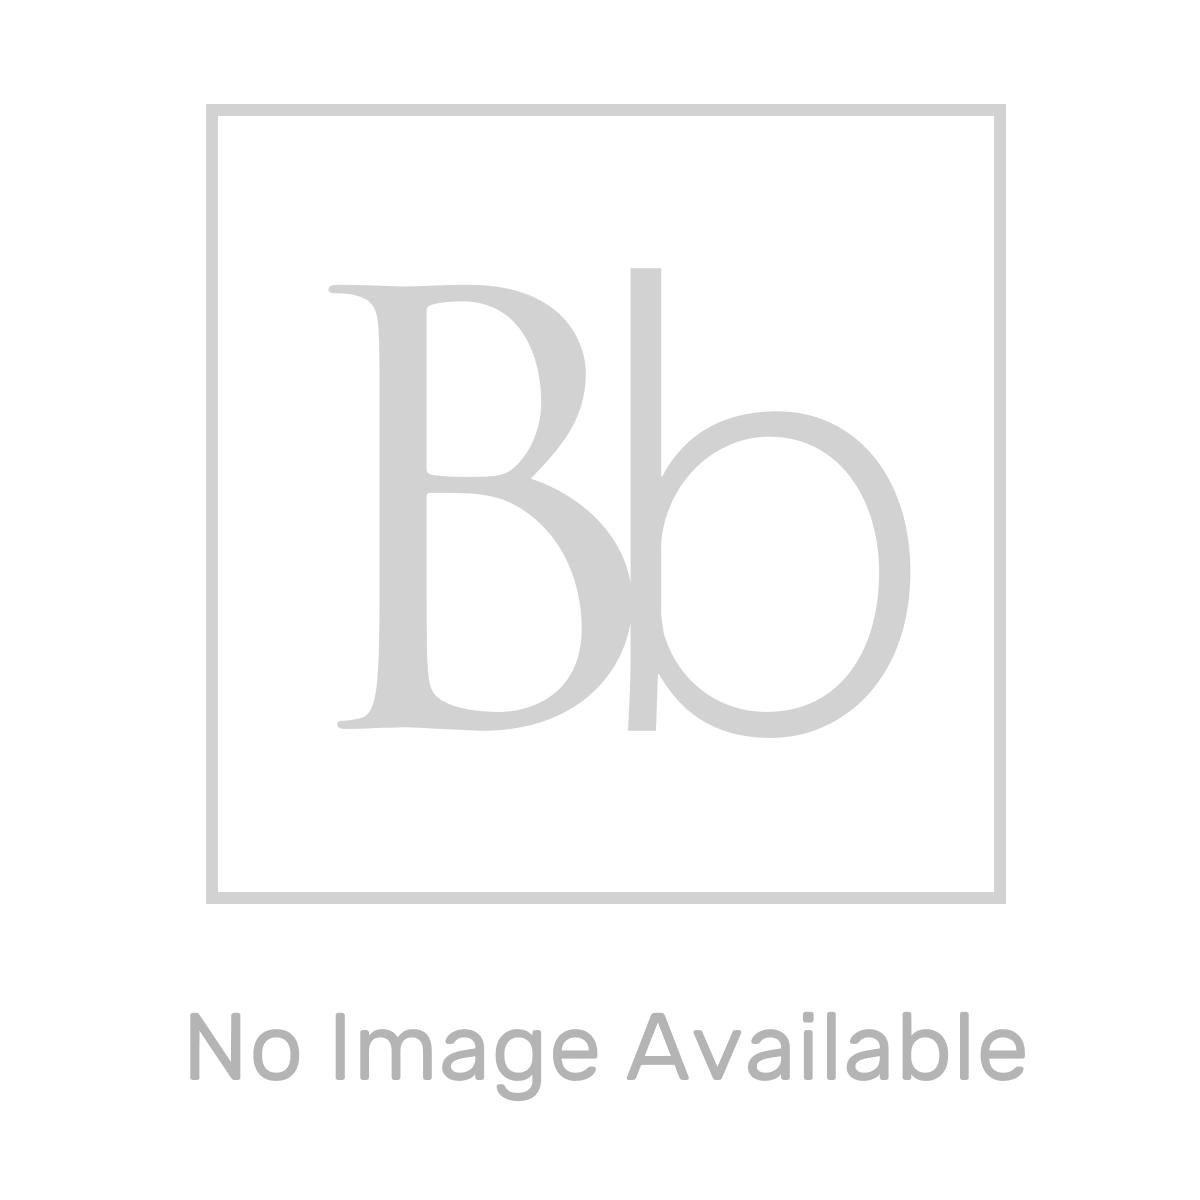 Elation Eko Graphite Gloss Mirror Wall Unit 750mm